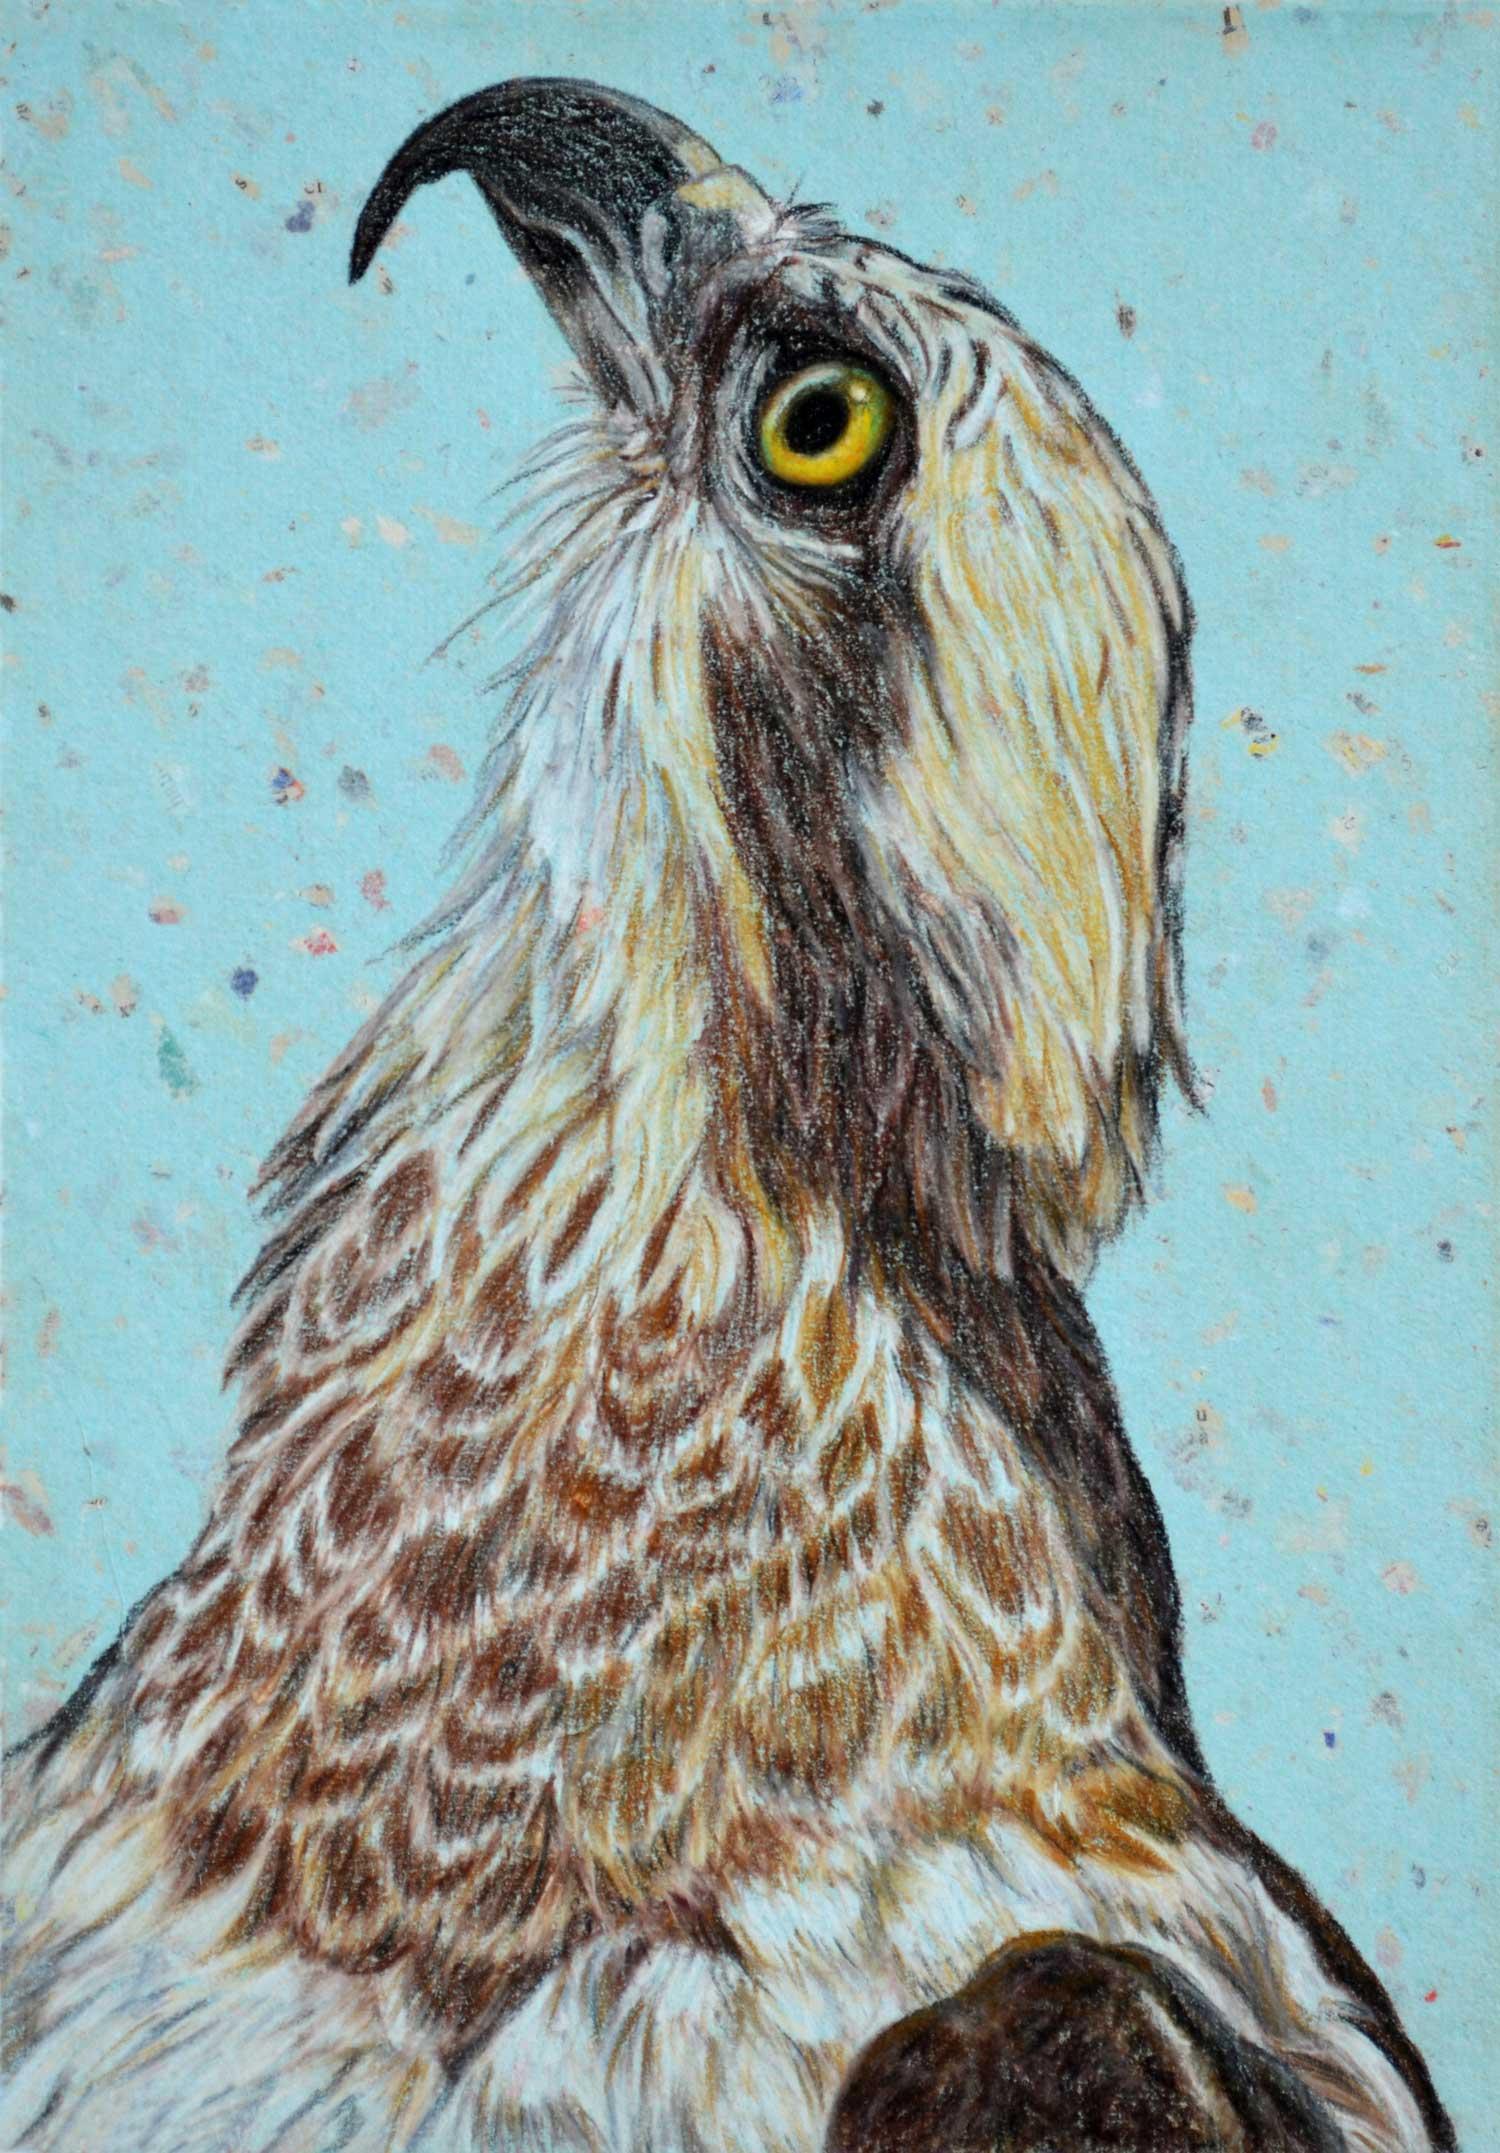 osprey-drawing-rachel-newling_edited-1.jpg